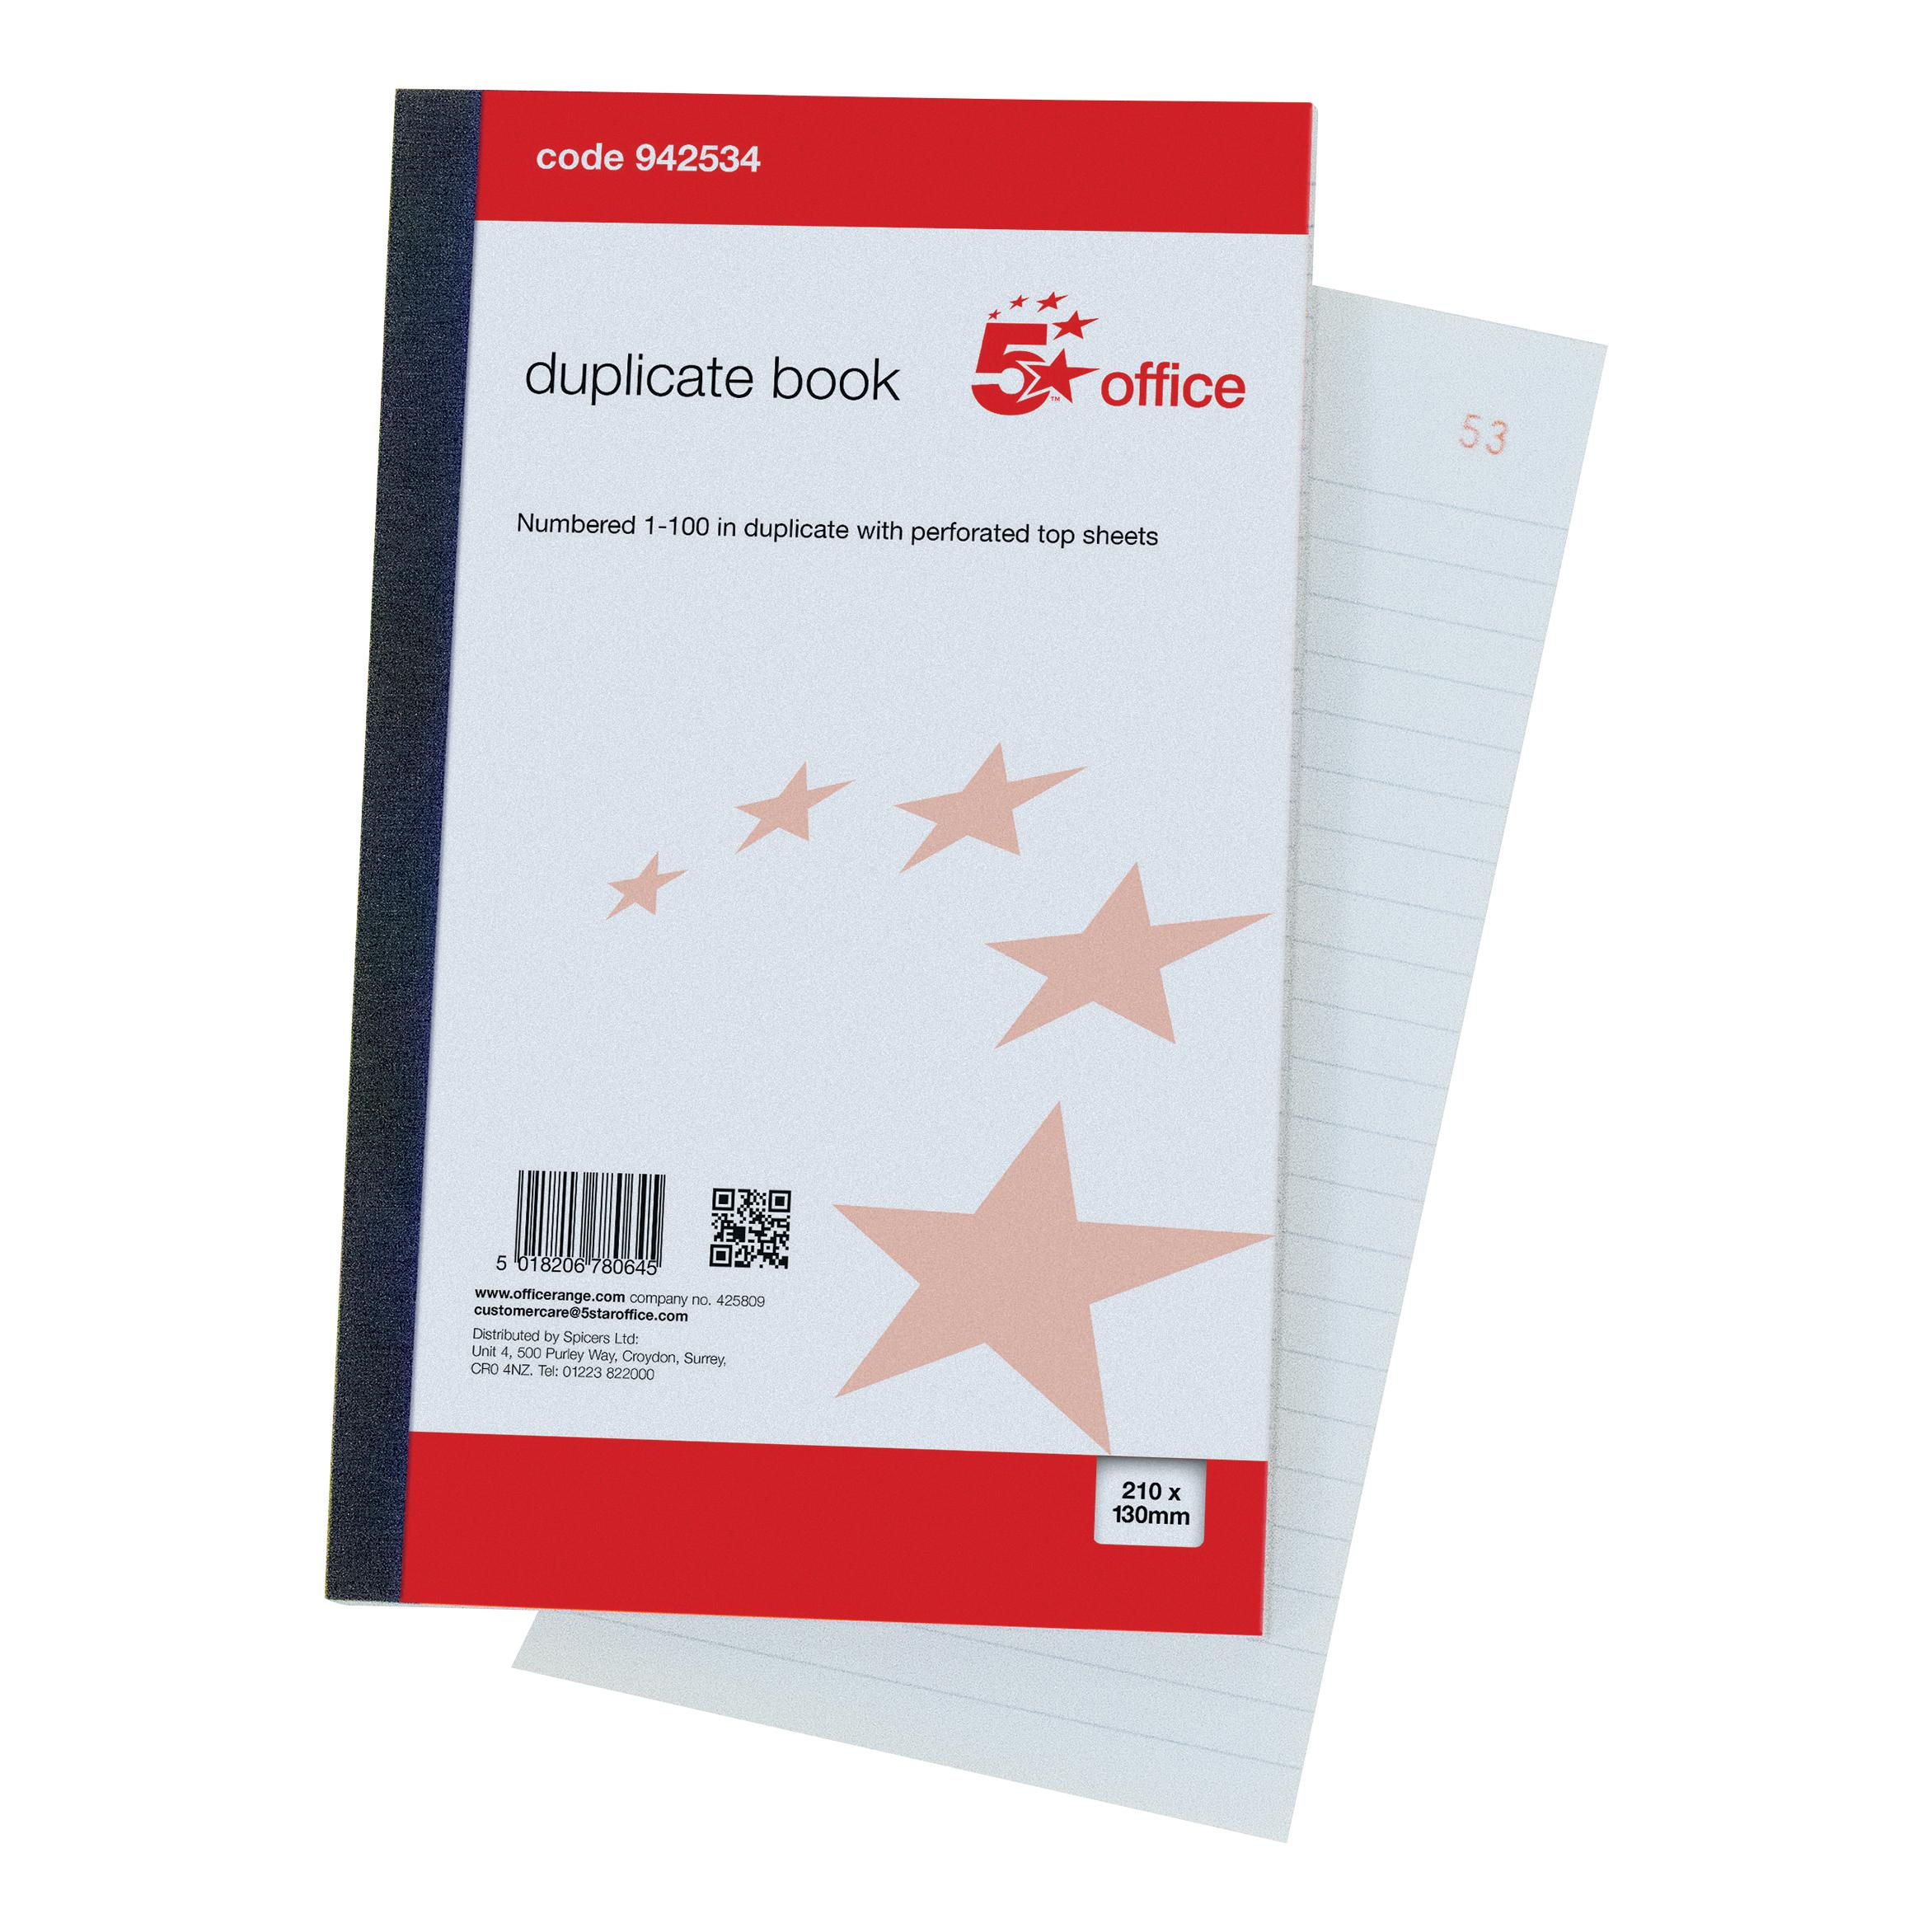 Business Duplicate Book 210x130mm